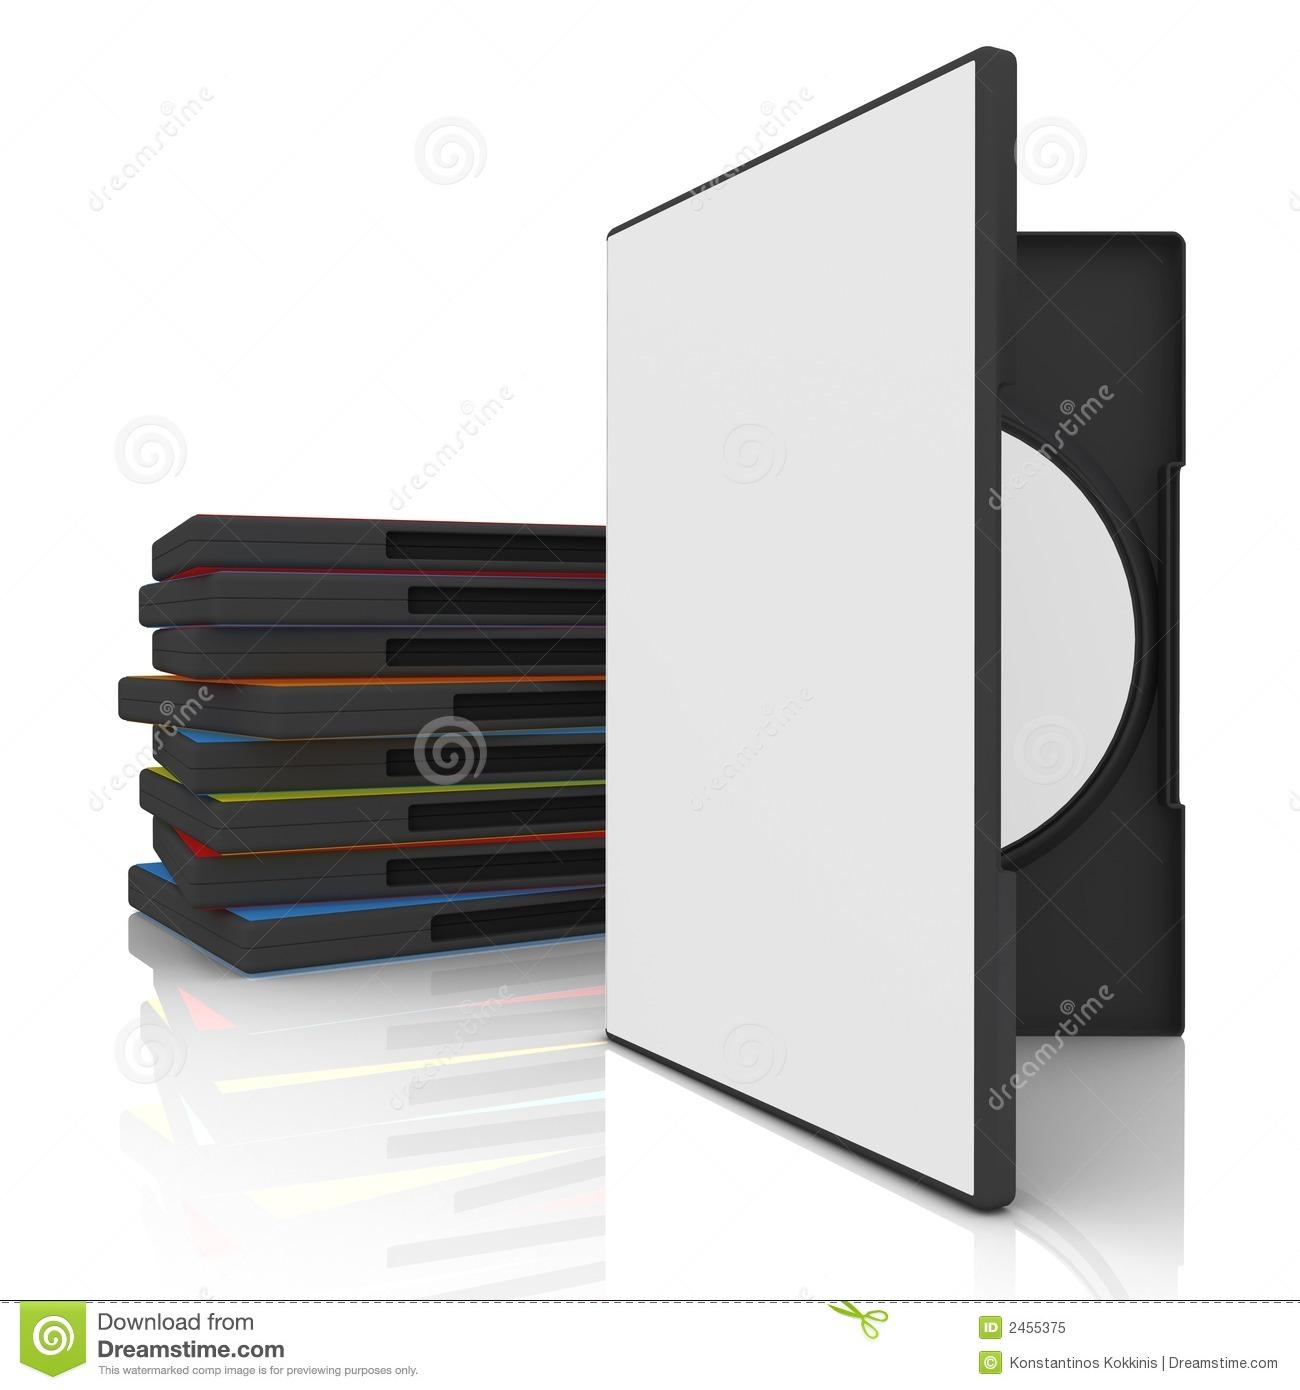 Bobook clipart dvd Clipart Dvd Dvd BBCpersian7 clipart